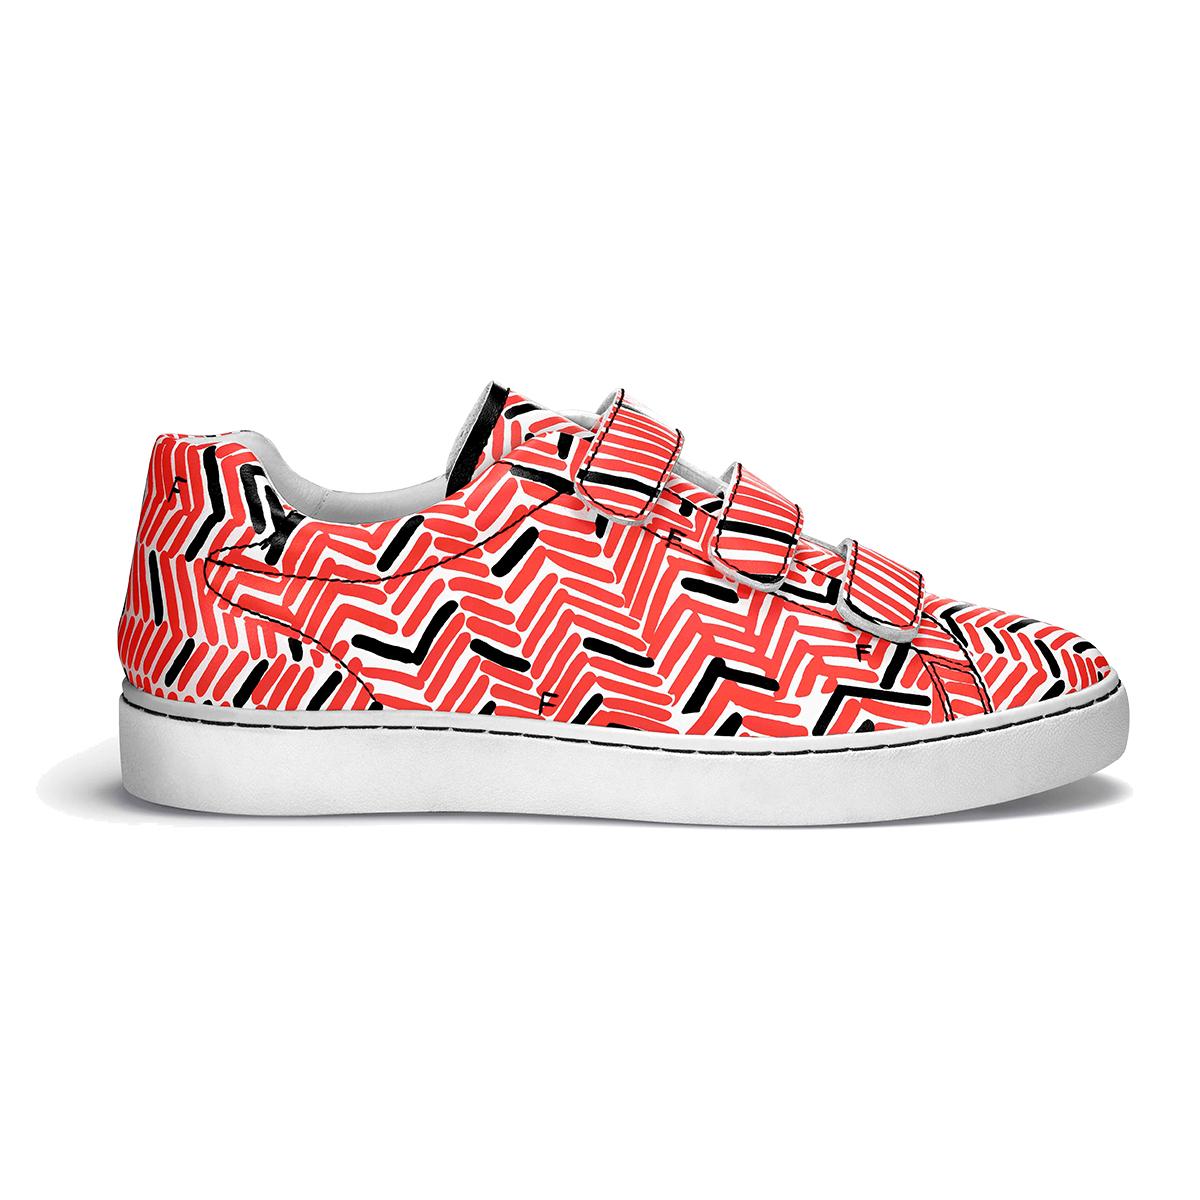 ASH X FILIP PAGOWSKI Sneakers